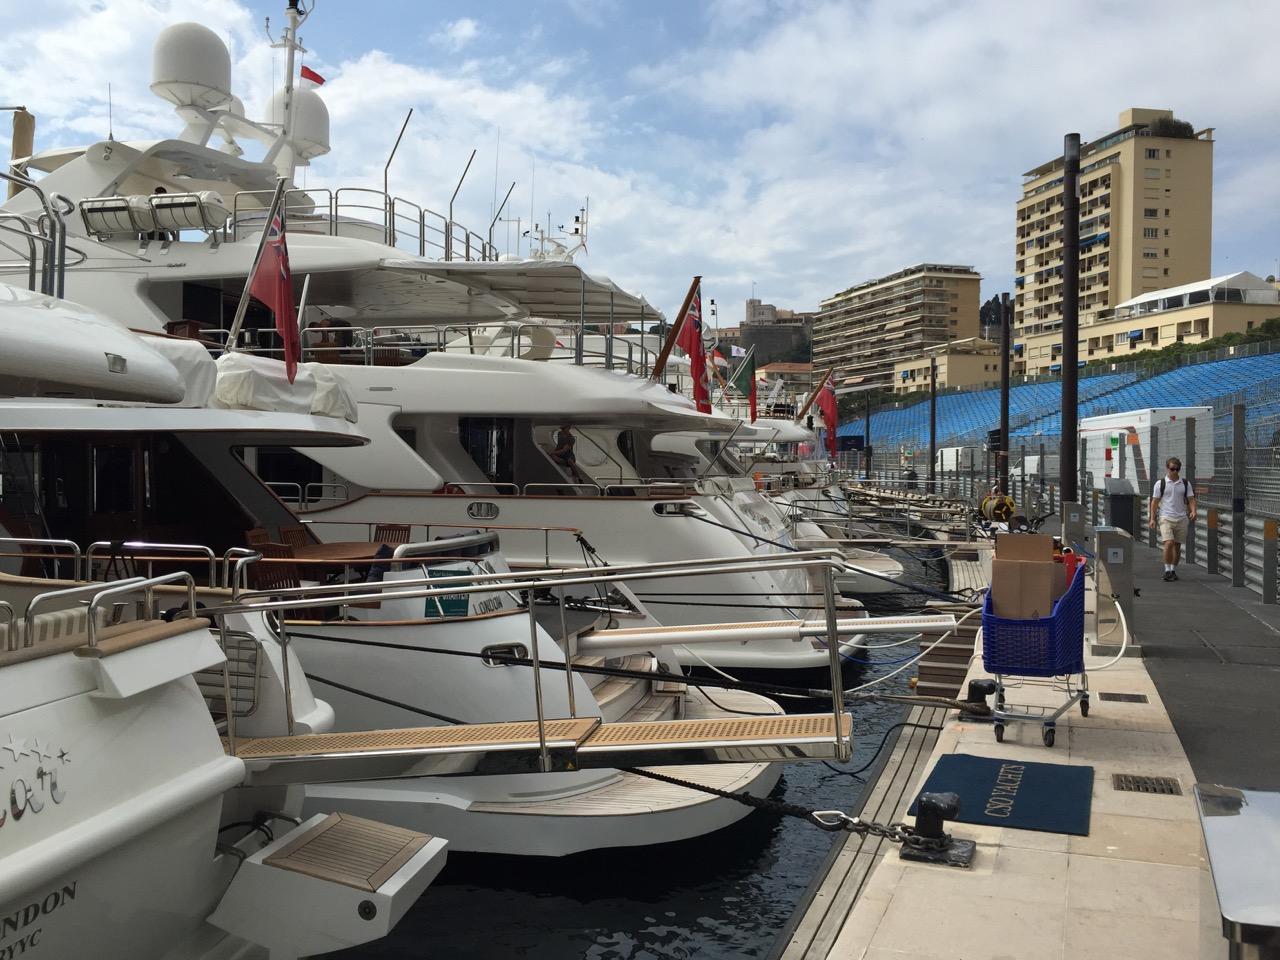 Yachts at Tabac Corner Monaco Grand Prix